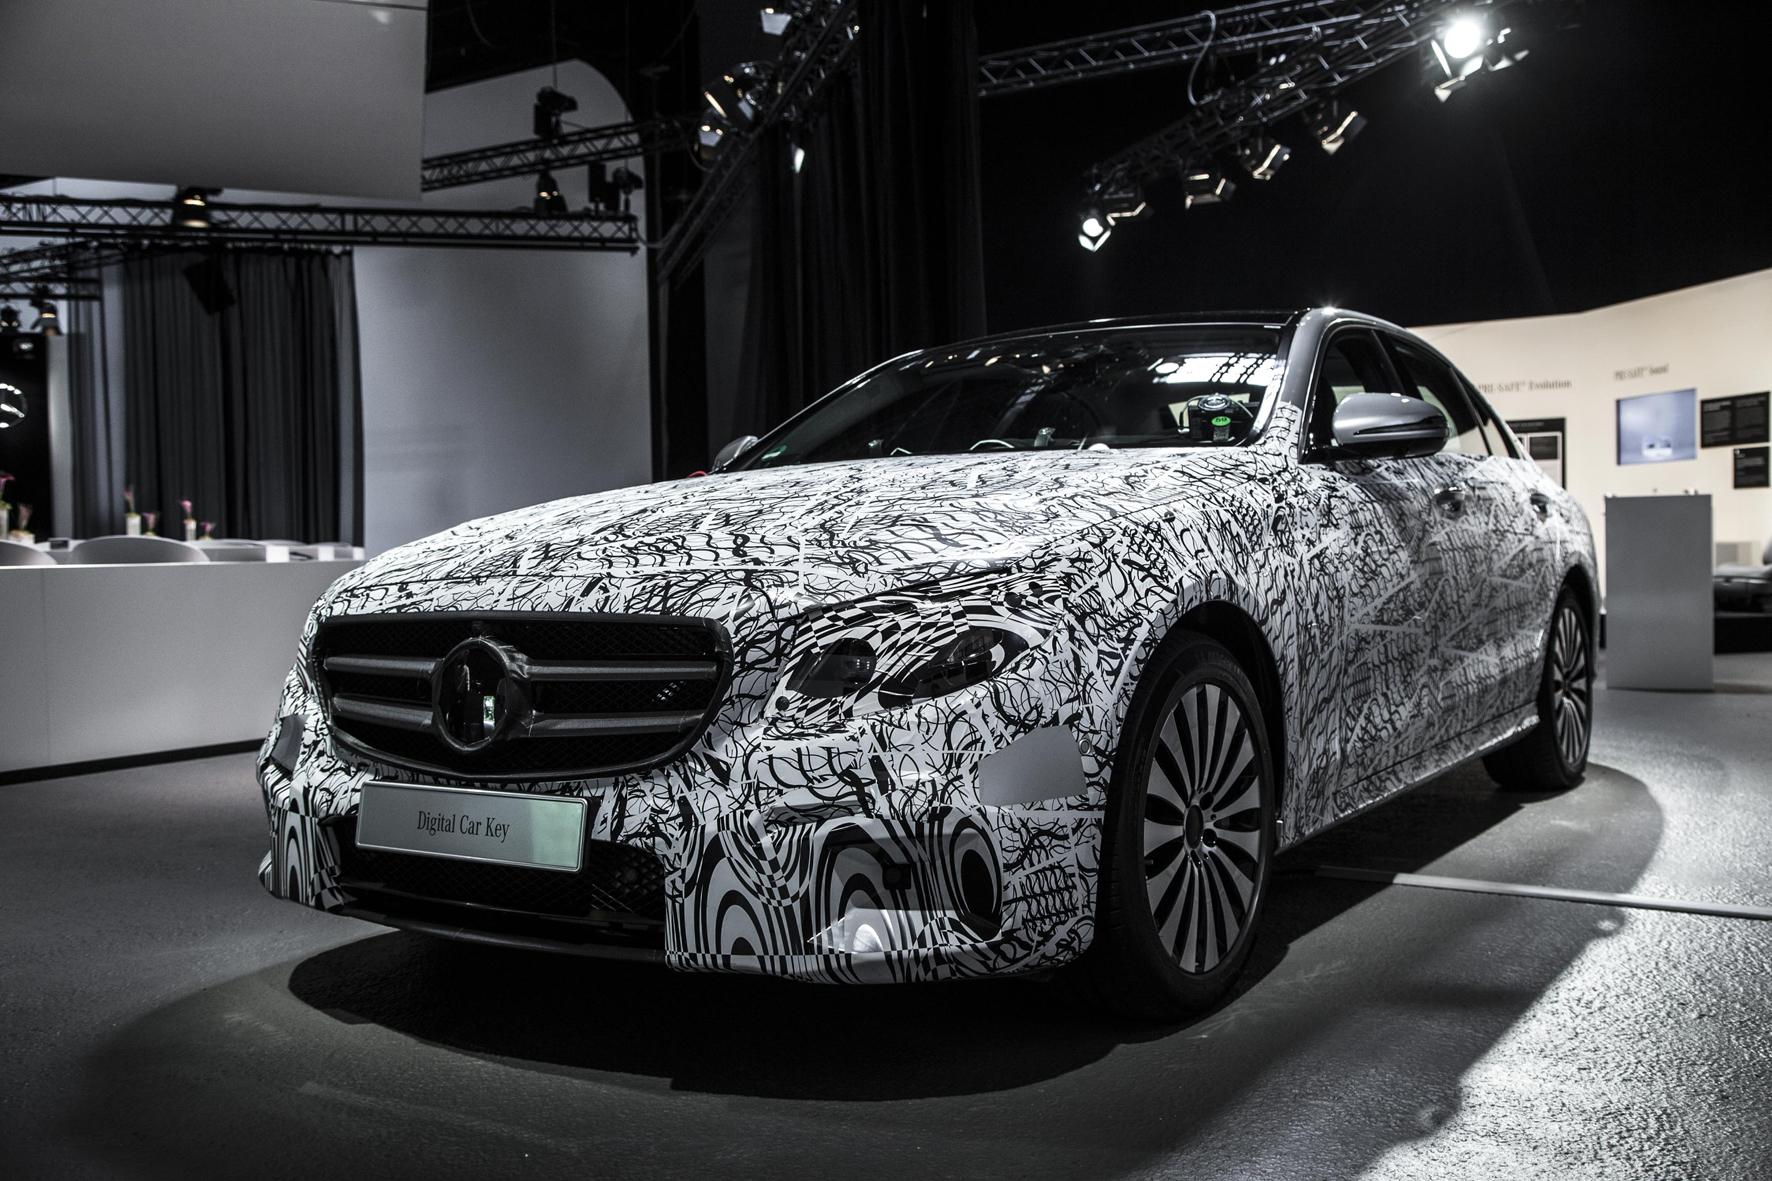 mid Sindelfingen - Die neue E-Klasse von Mercedes-Benz startet im kommenden Jahr mit einer ganzen Reihe neuer Assistenz-Systeme, die Daimler bereits jetzt anhand eines Erlkönigs im Tarnanzug präsentiert hat.